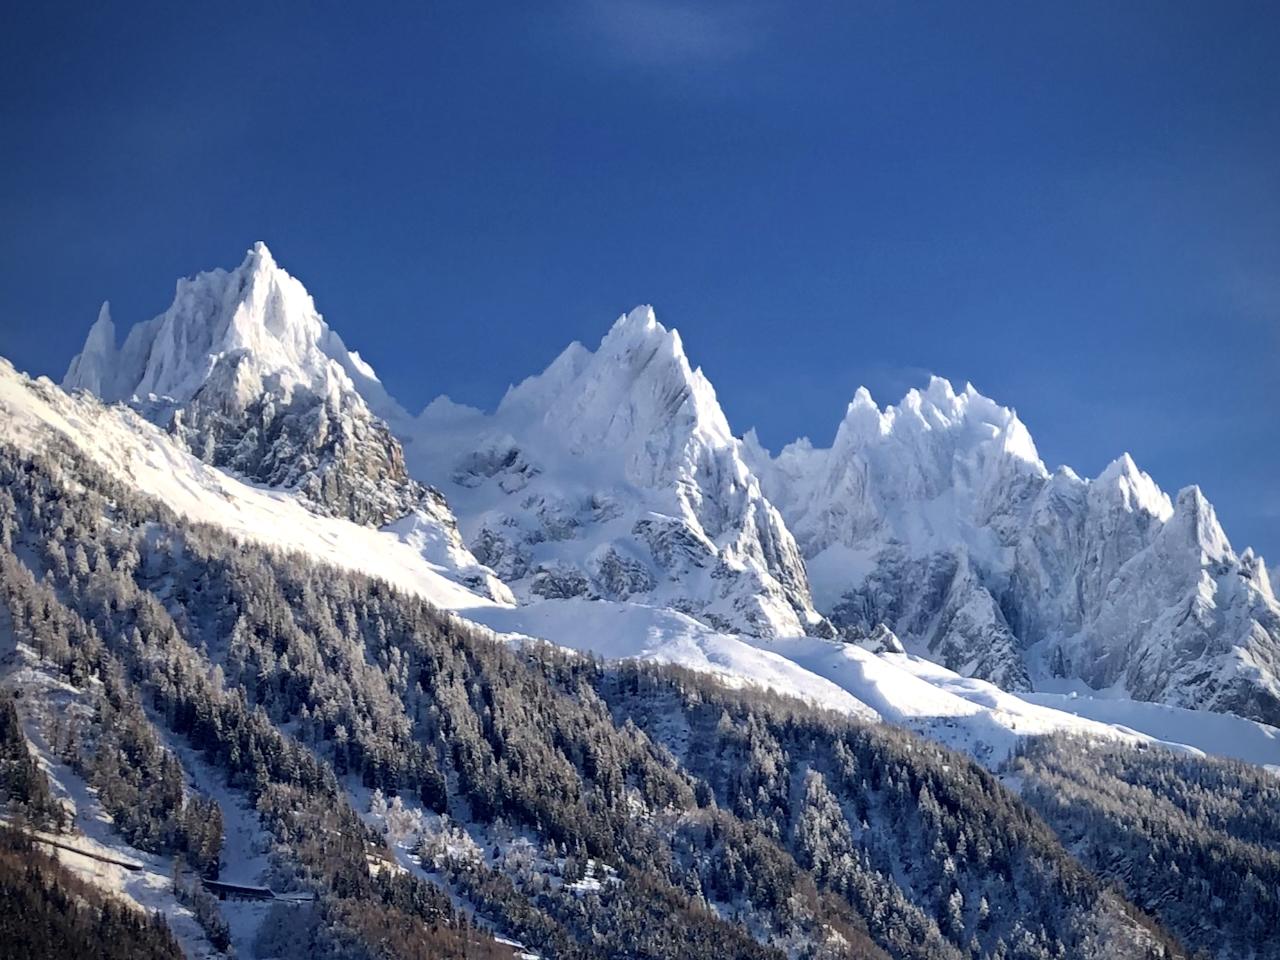 Chamonix Peaks